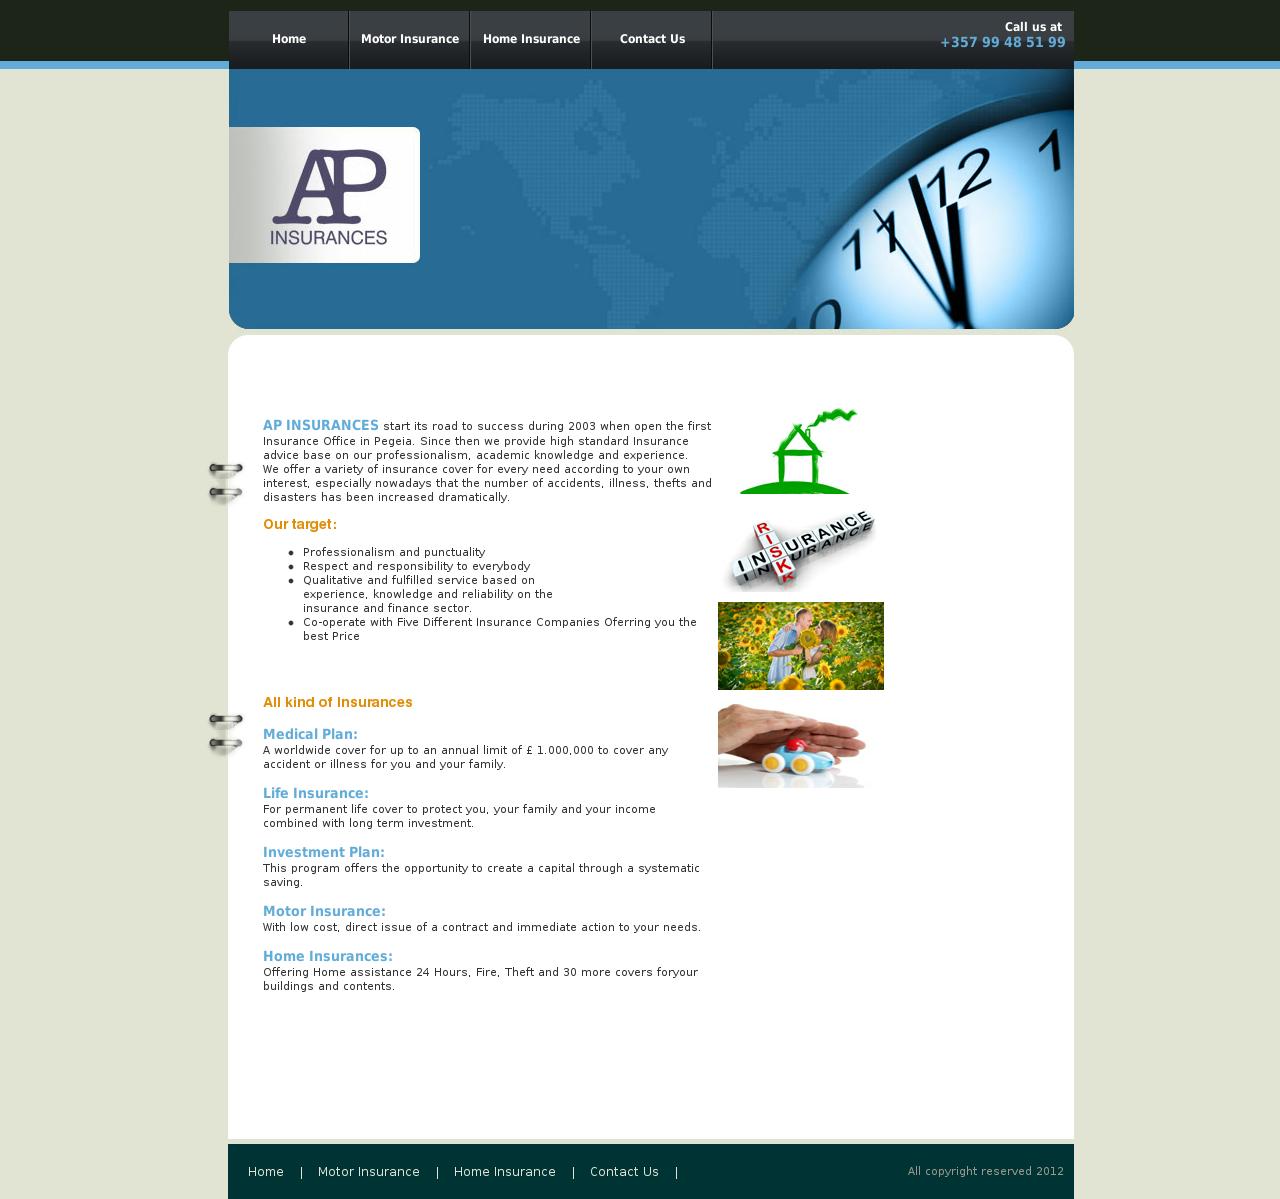 APINSURANCES.COM